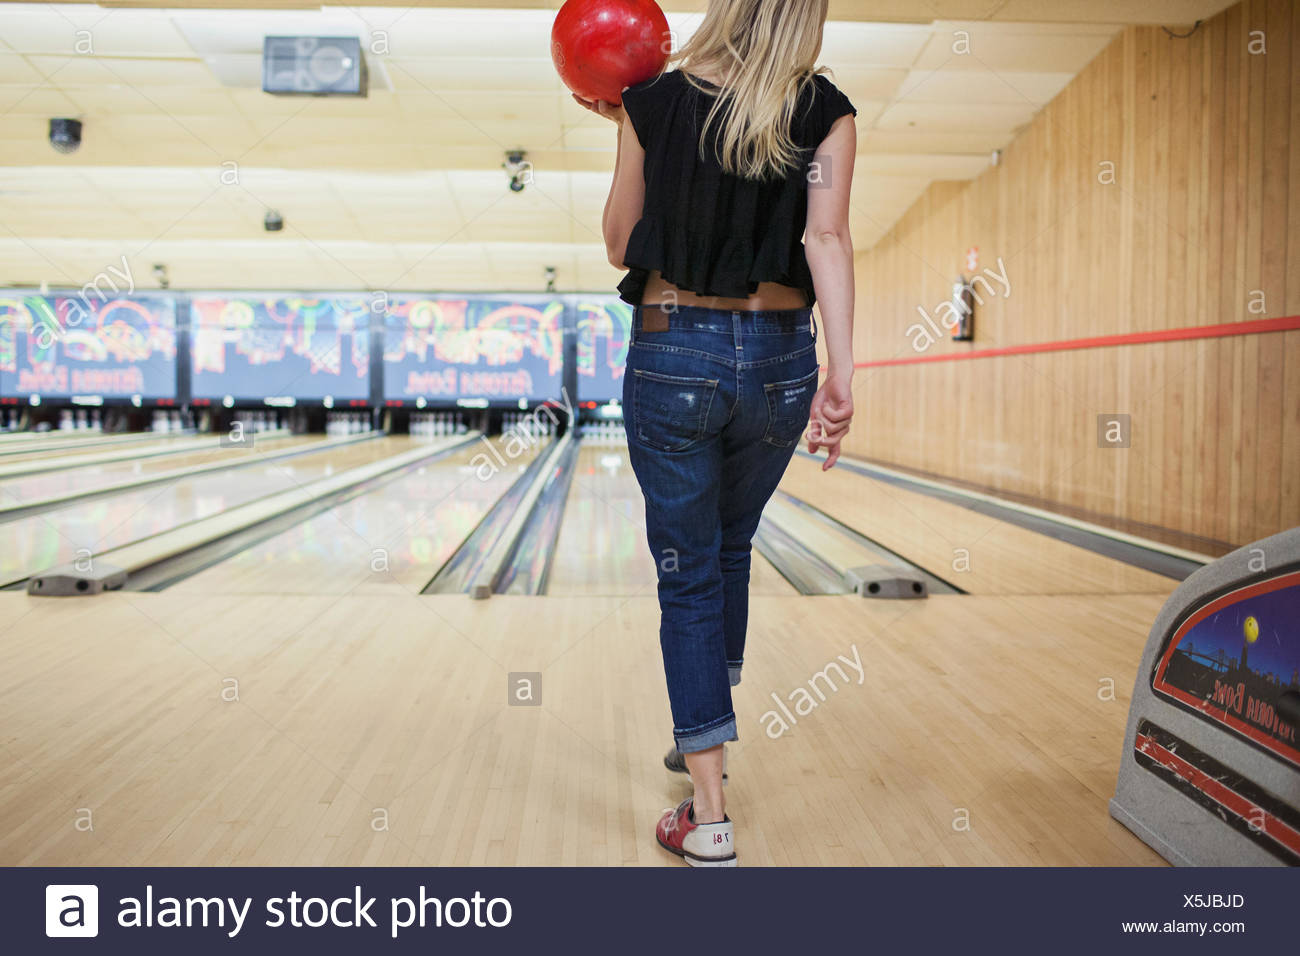 Une jeune femme au bowling. Photo Stock